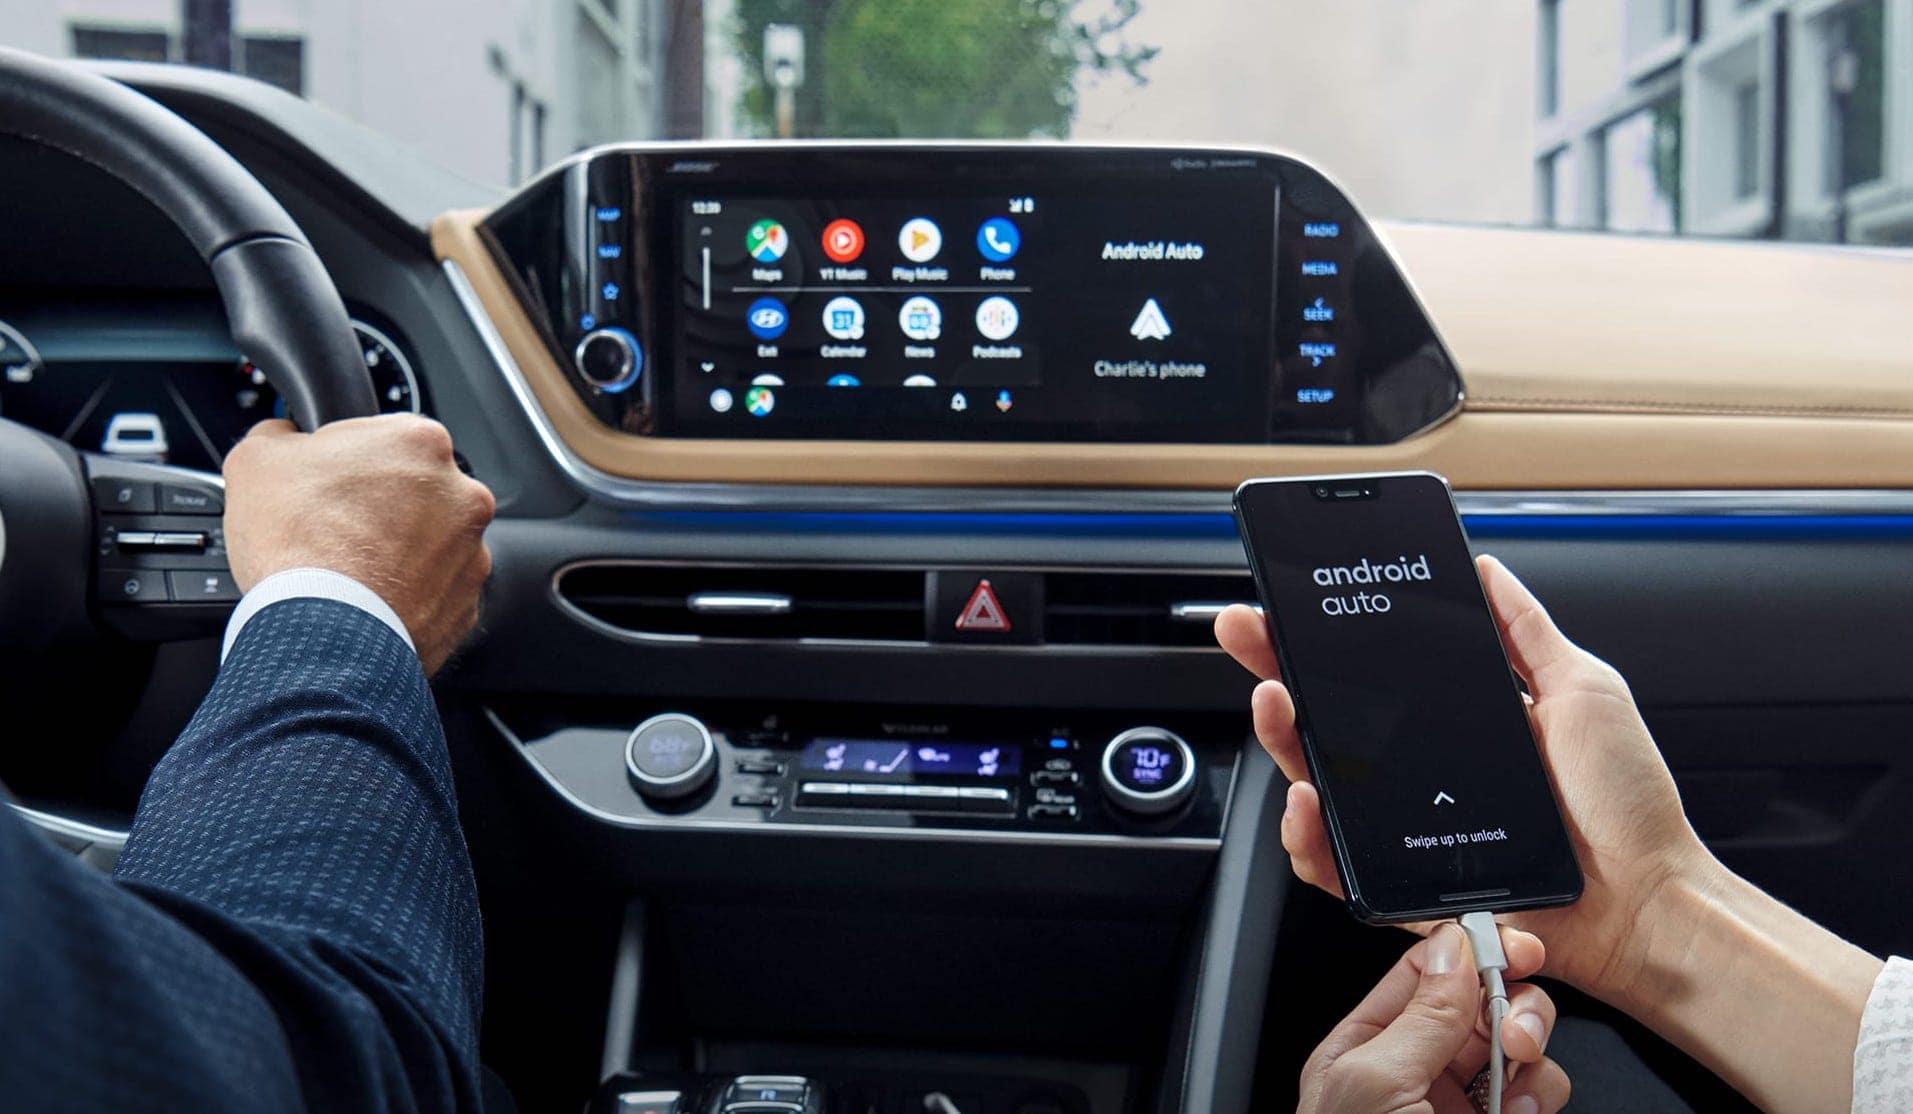 2020 Hyundai Sonata interior available in Springfield VA